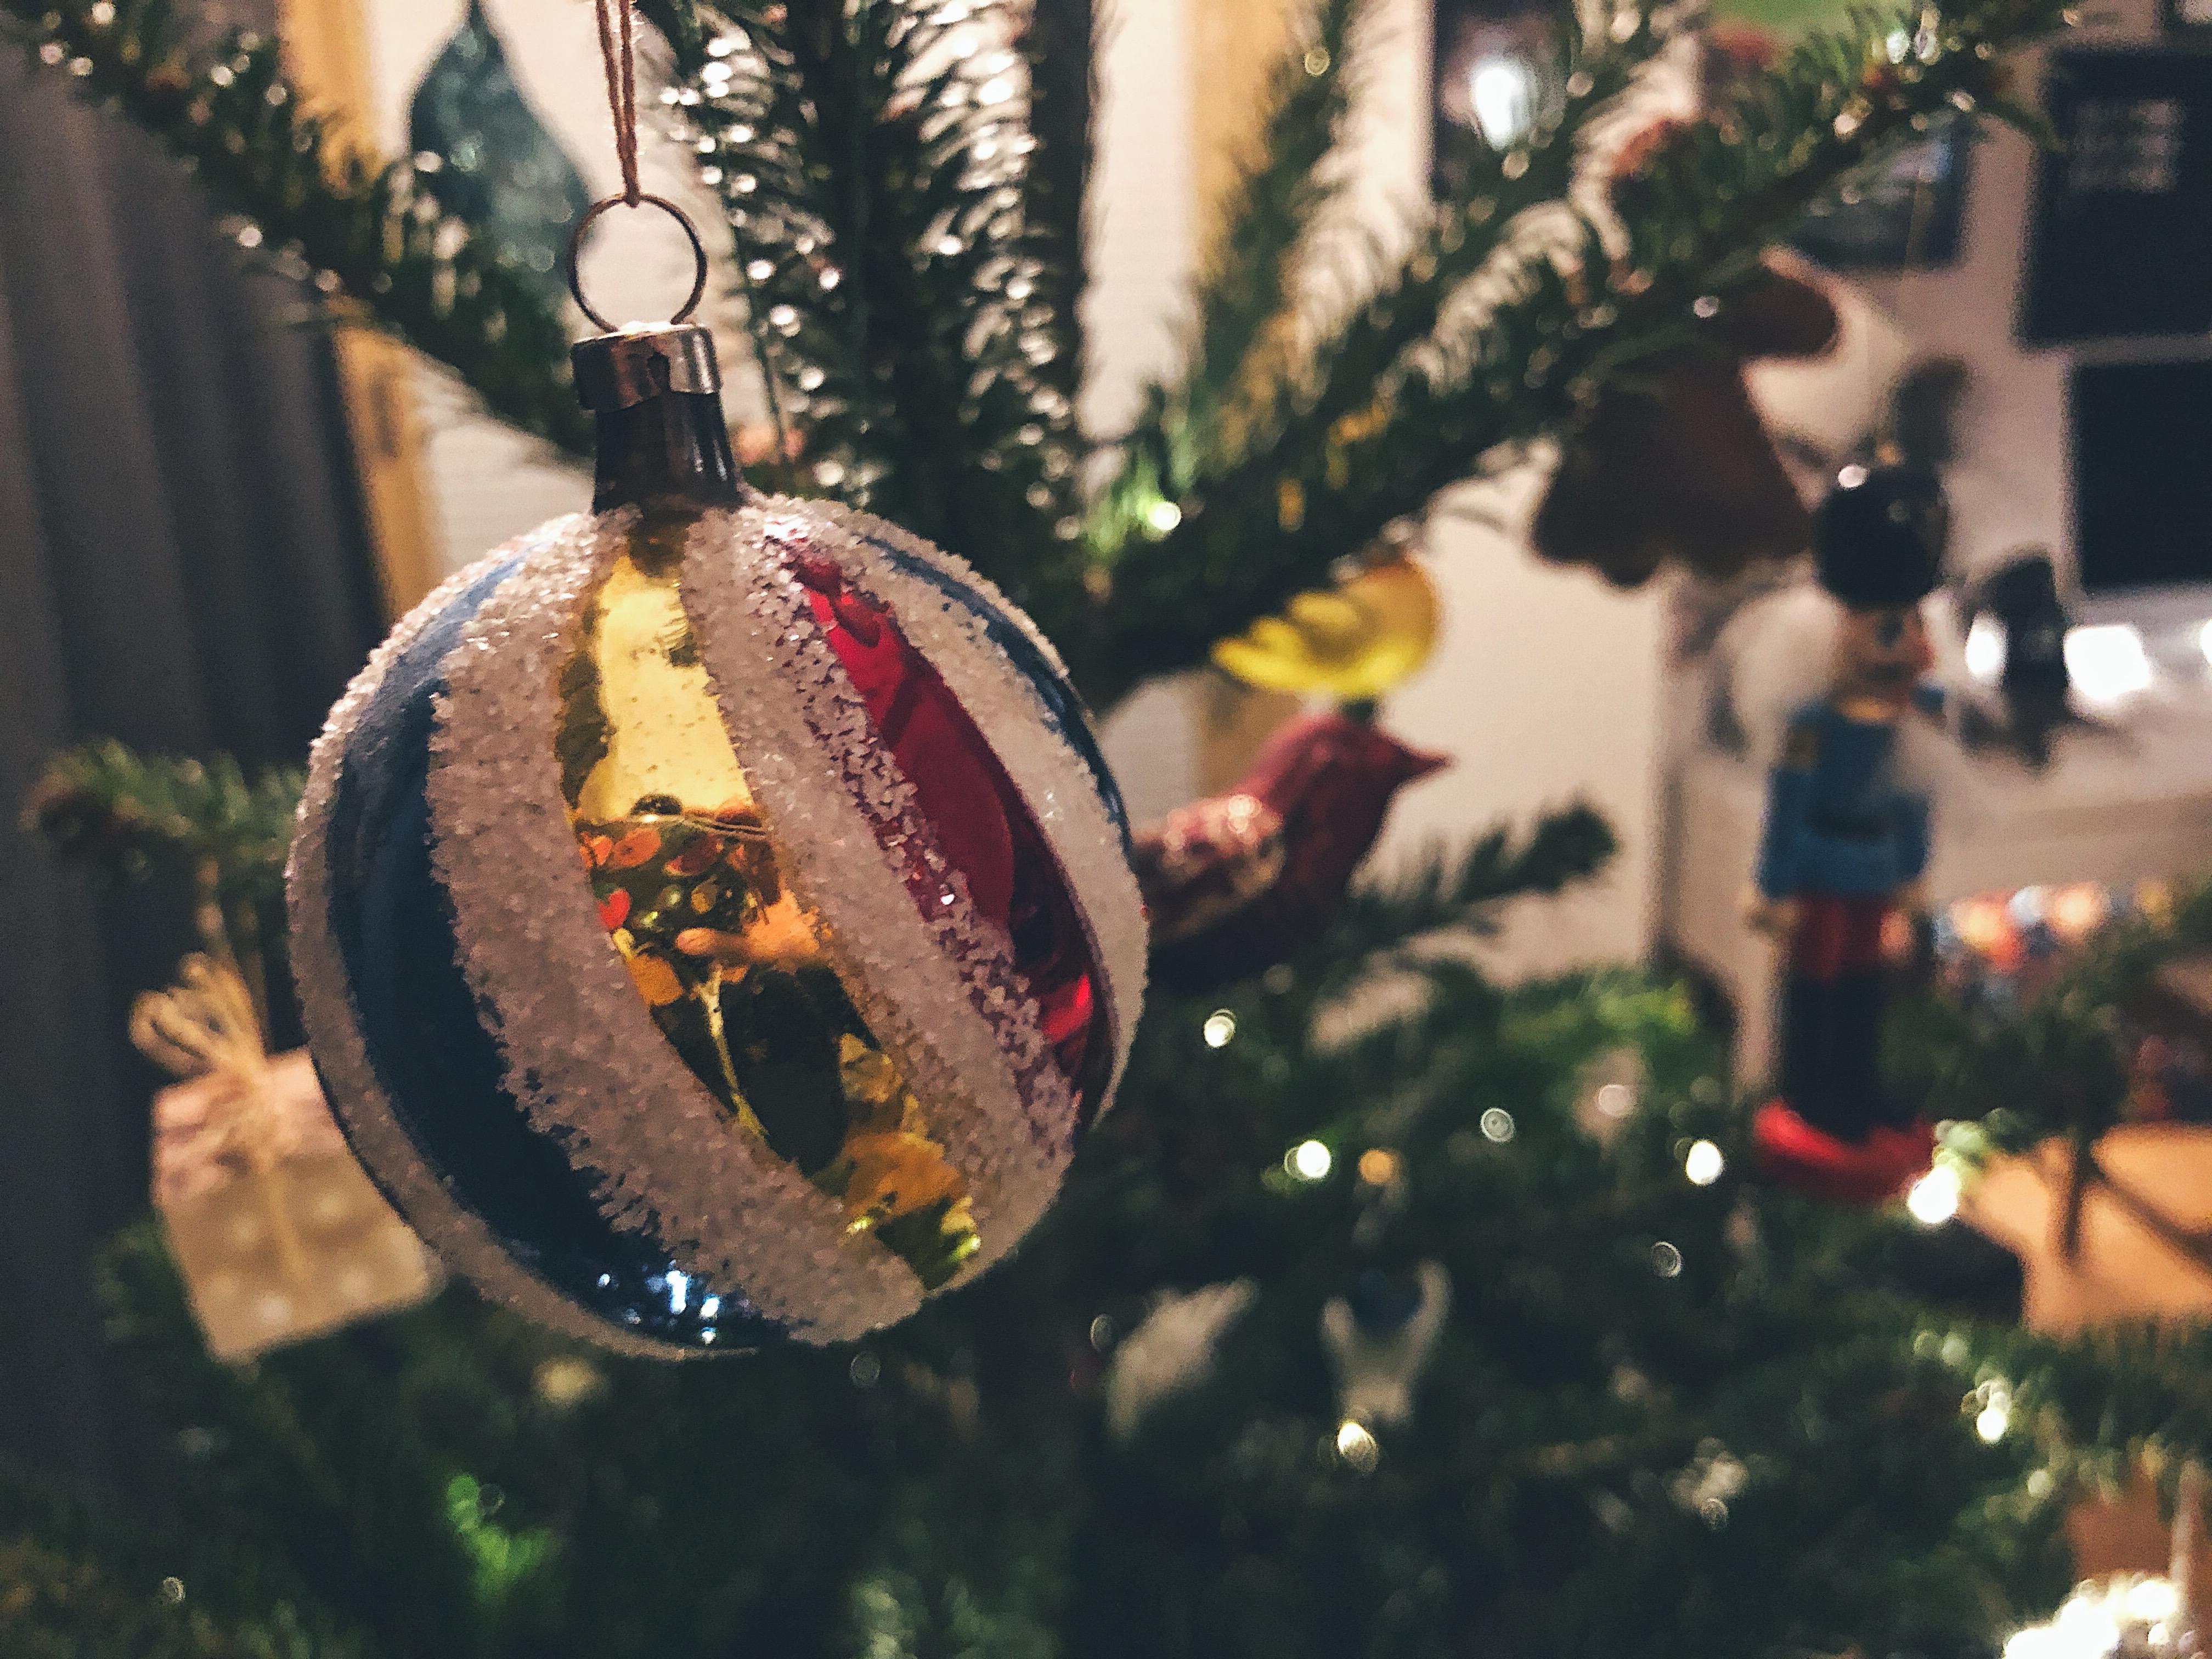 Karácsonyfadísz 2018 - Boldog karácsonyt!